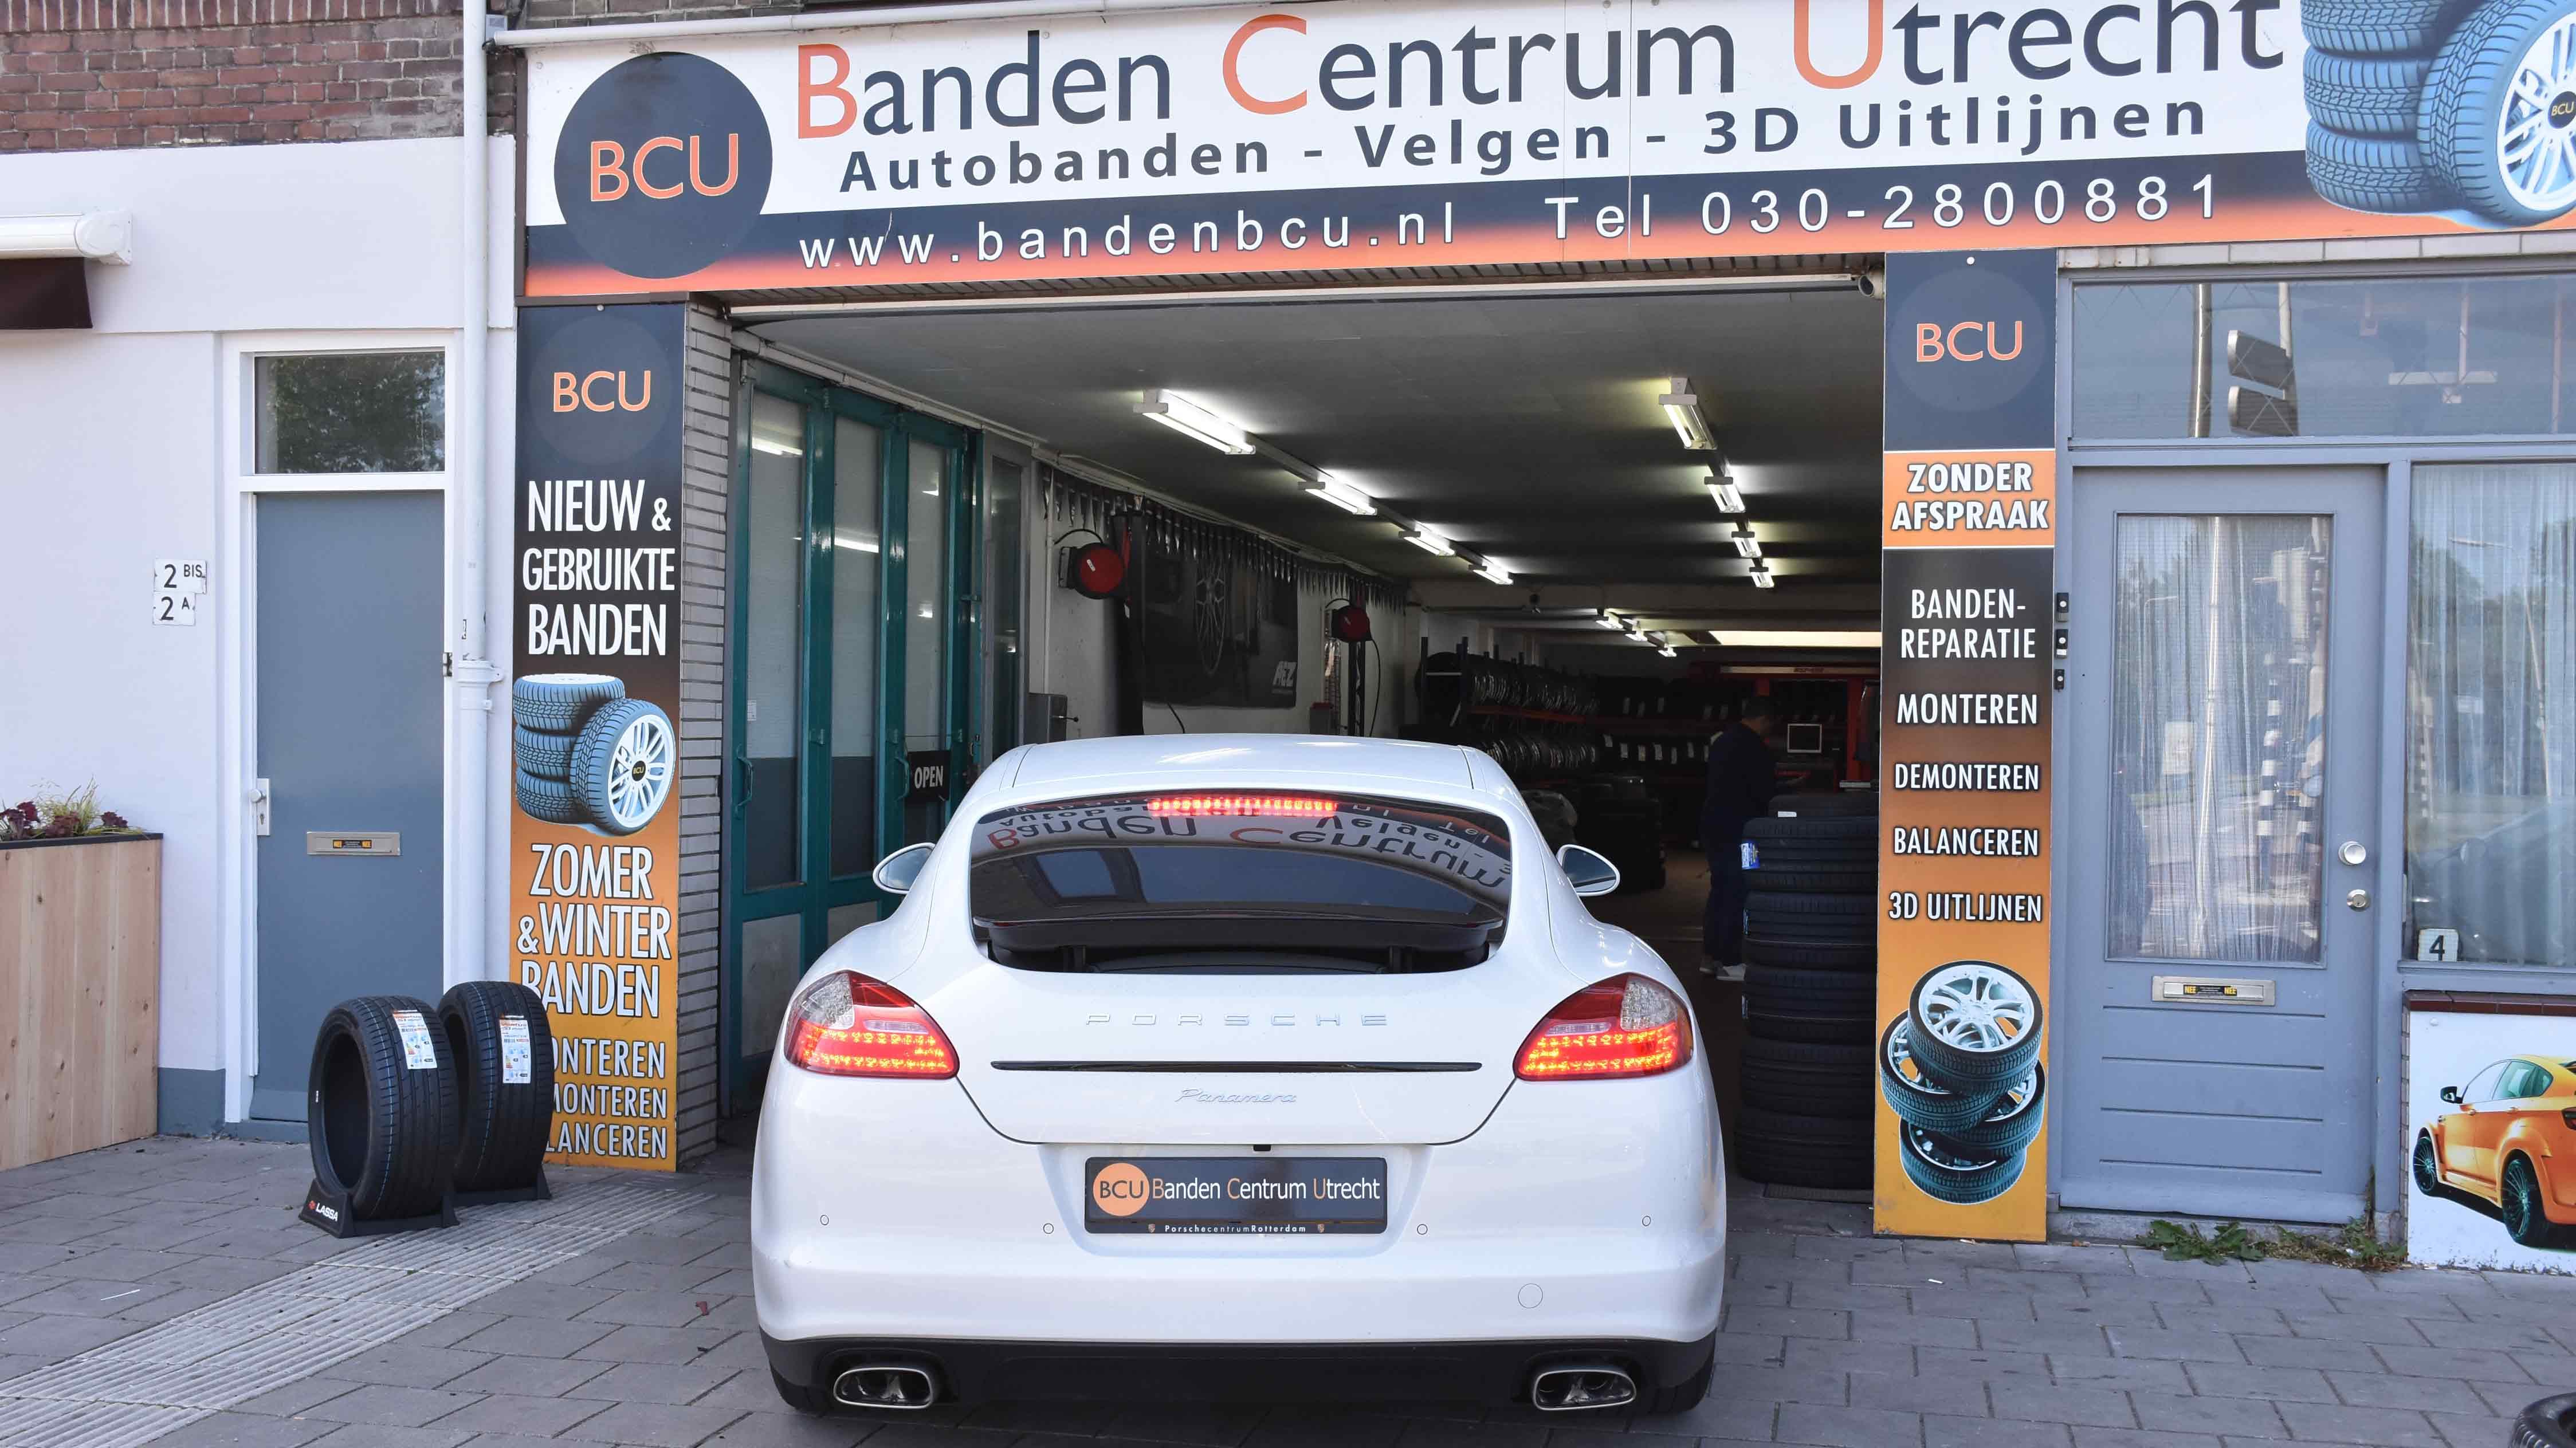 Goedkope Garage Utrecht : Voordelige gebruikte & nieuwe banden home banden centrum utrecht